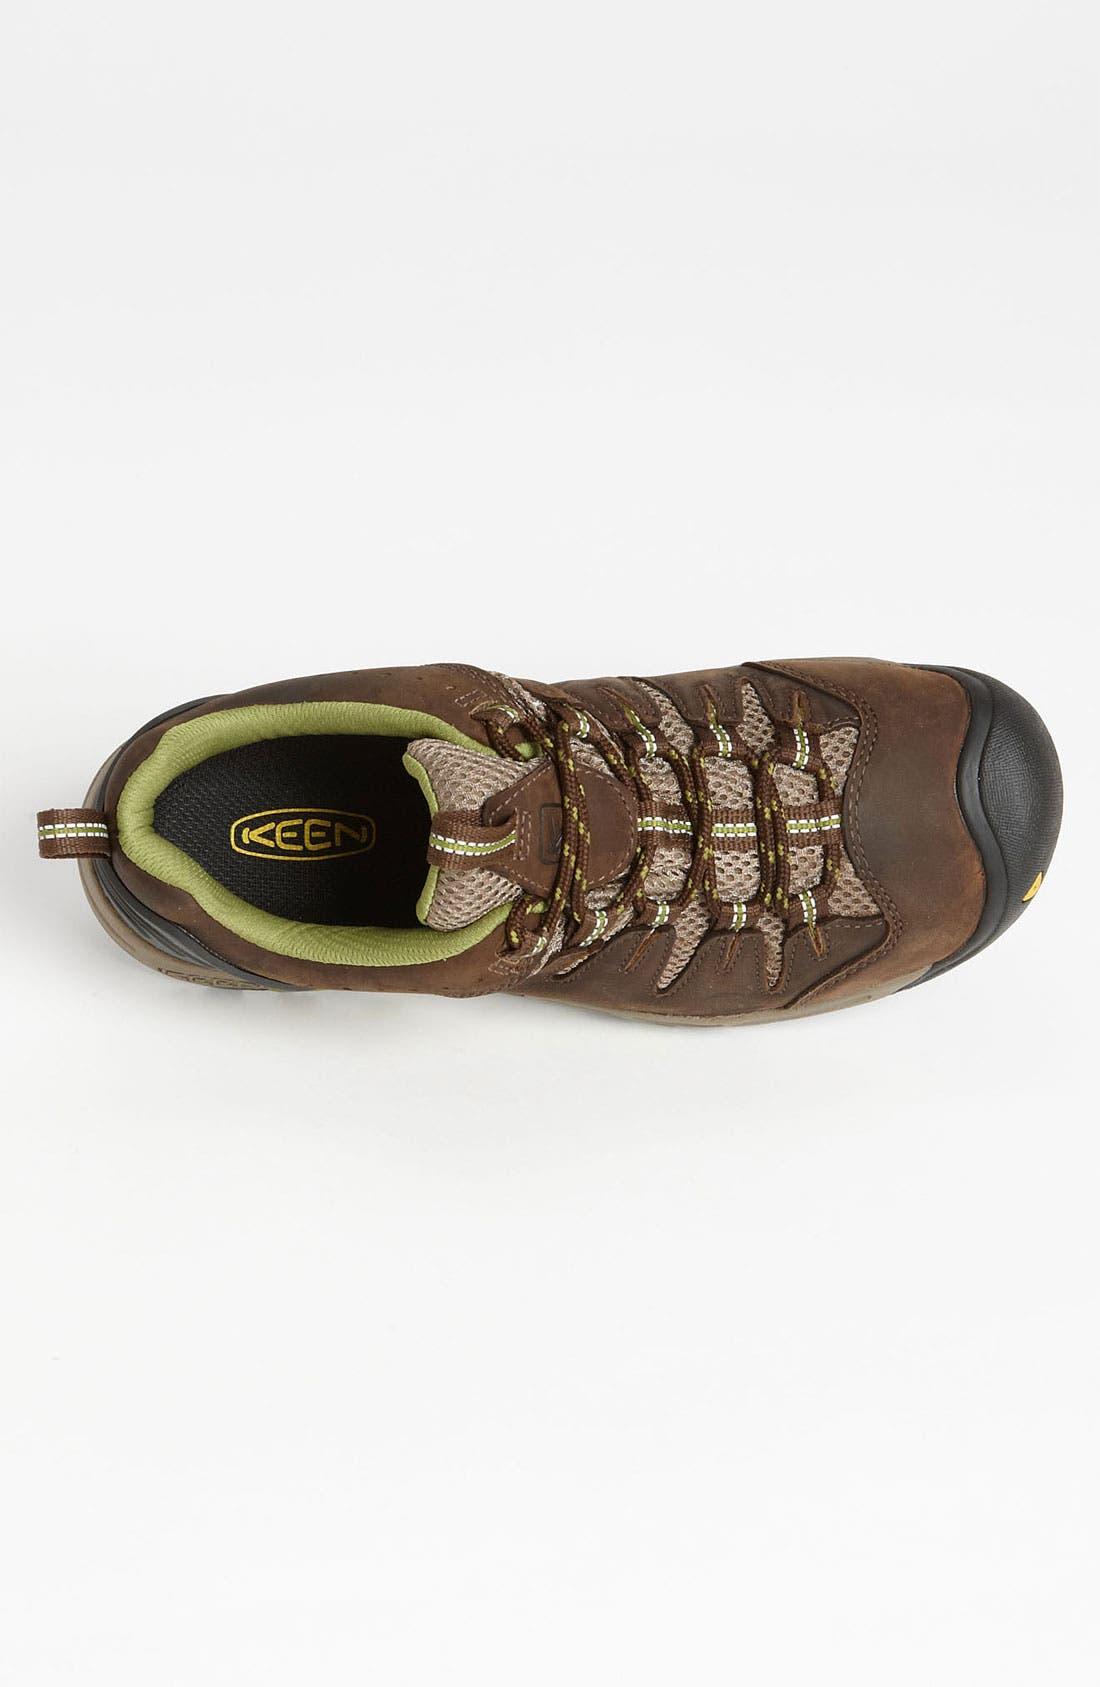 Alternate Image 3  - Keen 'Bryce' Hiking Shoe (Men)